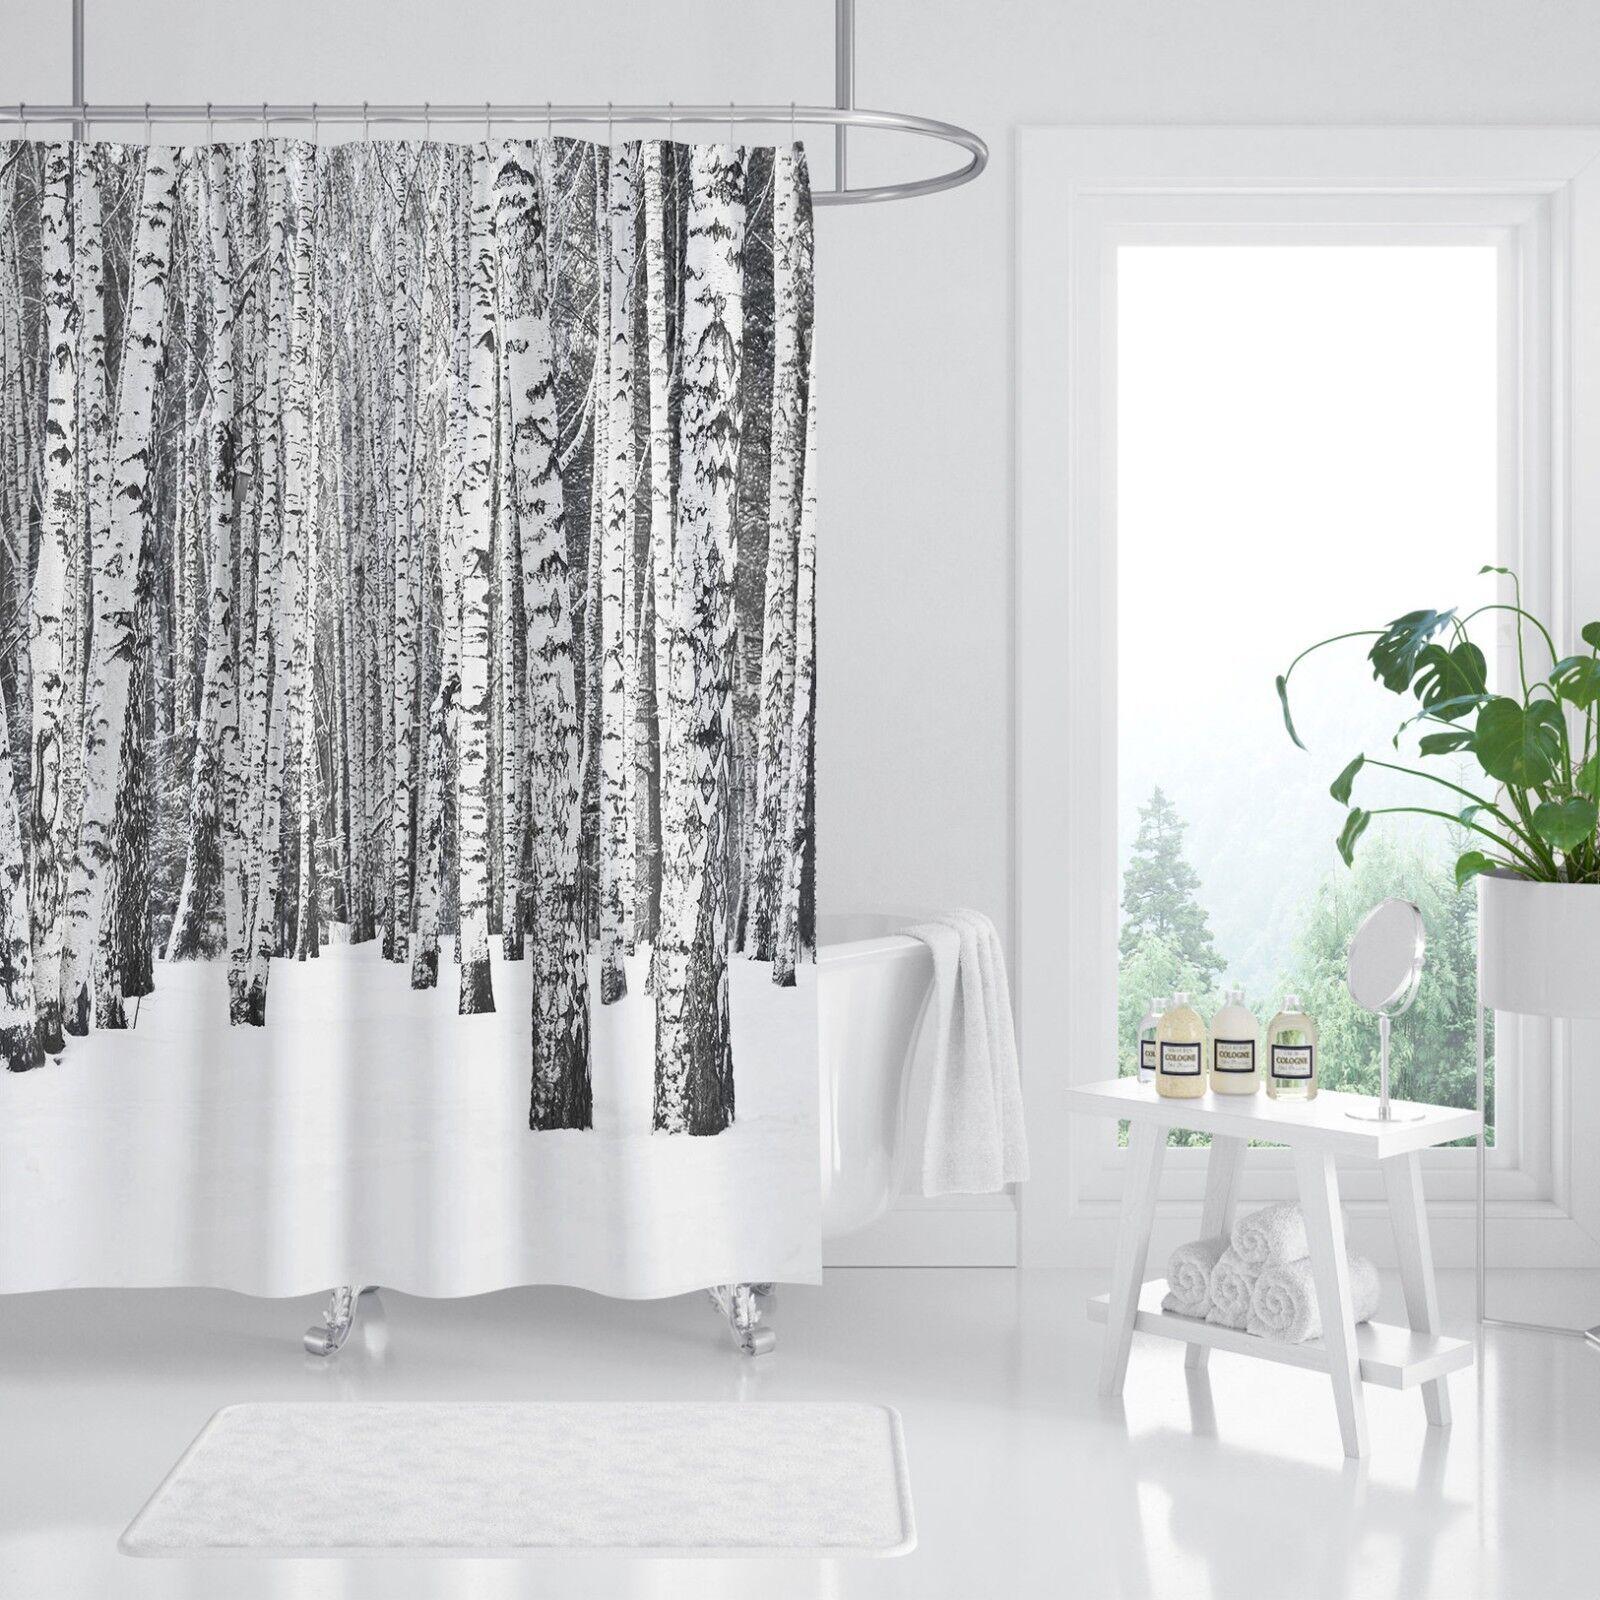 3D Wald Baum 25 Duschvorhang Wasserdicht Faser Bad Bad Bad Daheim Windows Toilette DE | Hohe Qualität und Wirtschaftlichkeit  ef558a